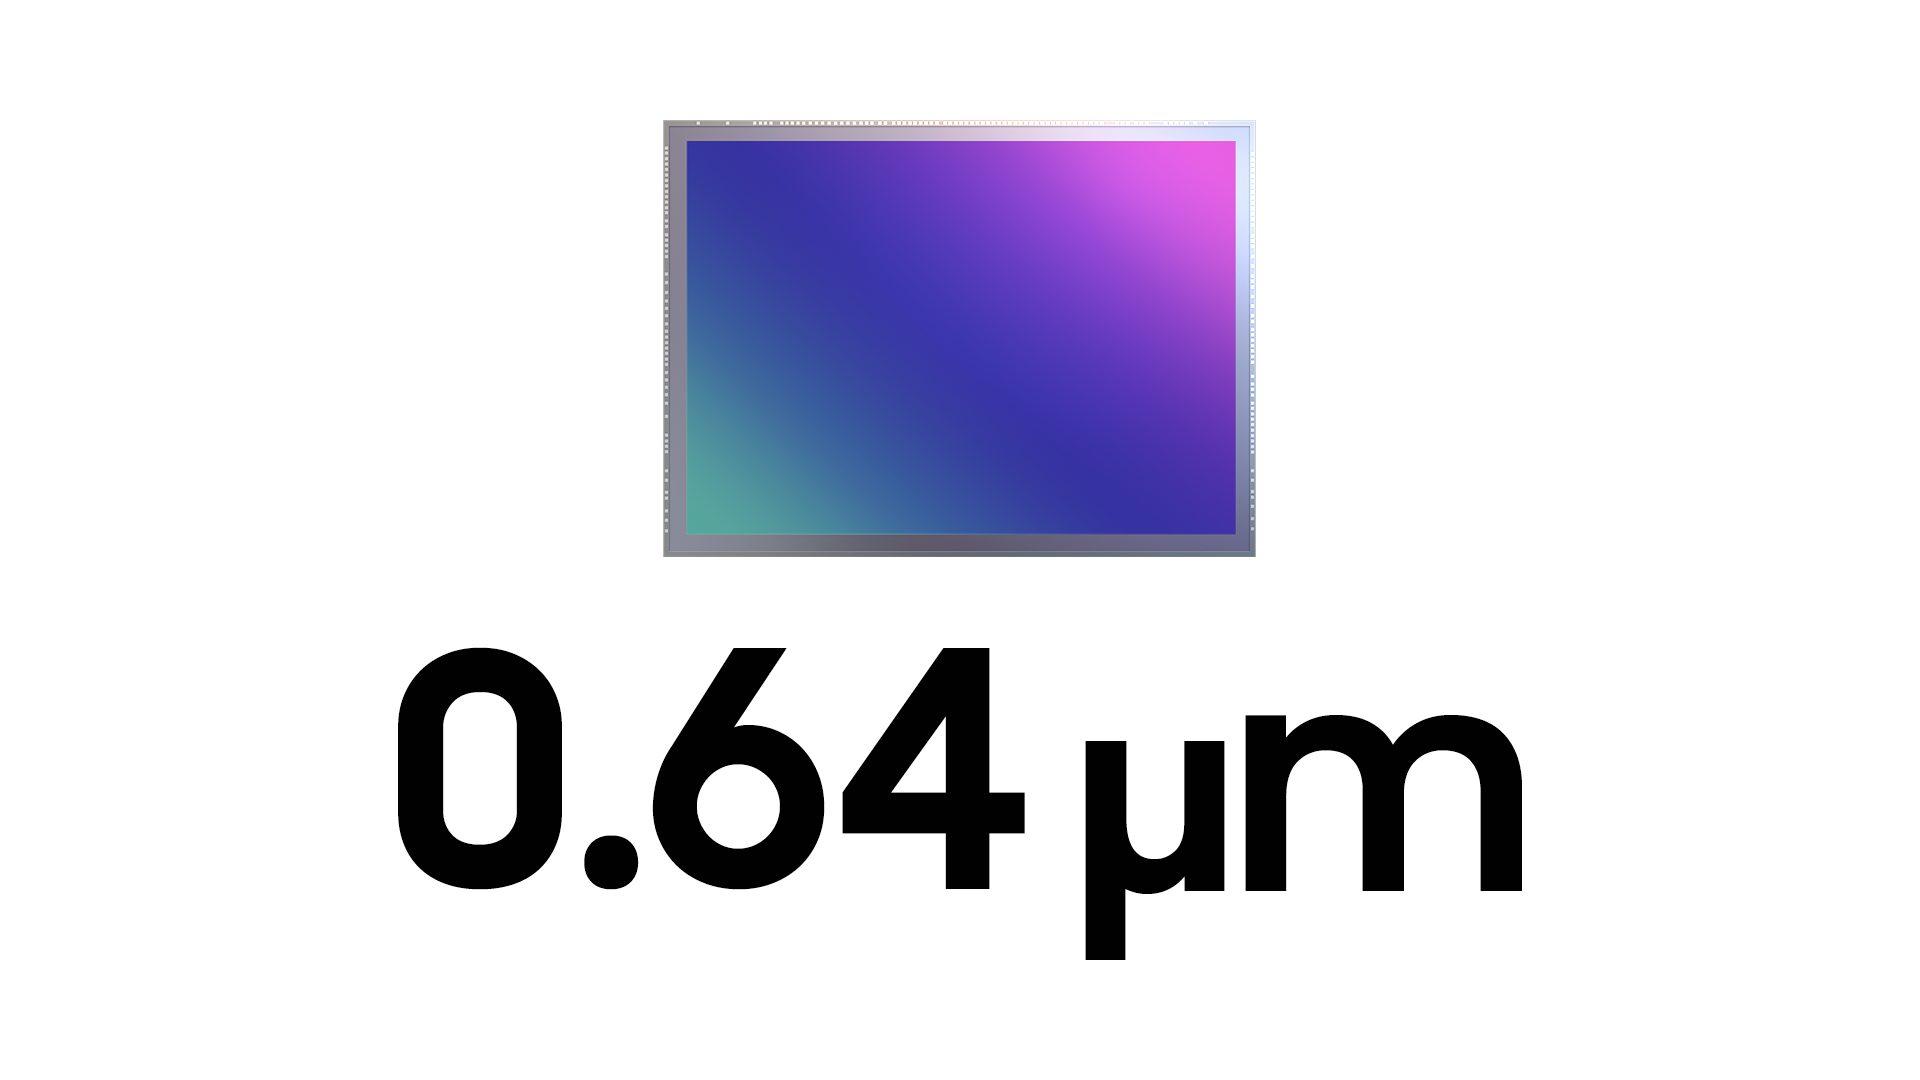 Samsung Isocell Jn11